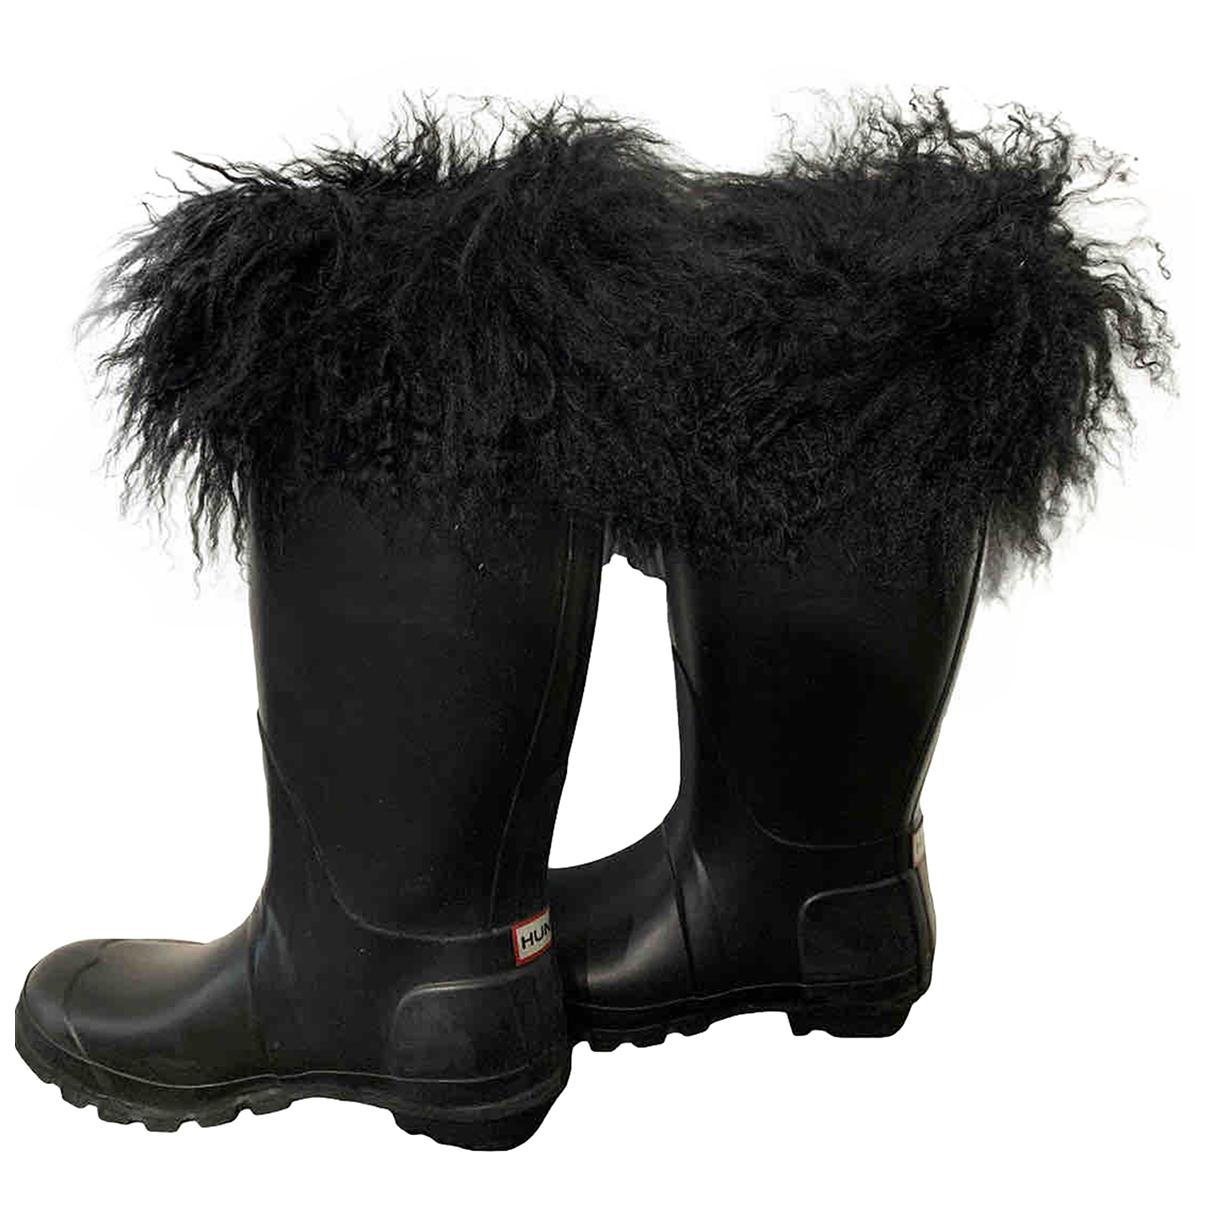 Hunter - Bottes   pour femme en agneau de mongolie - noir